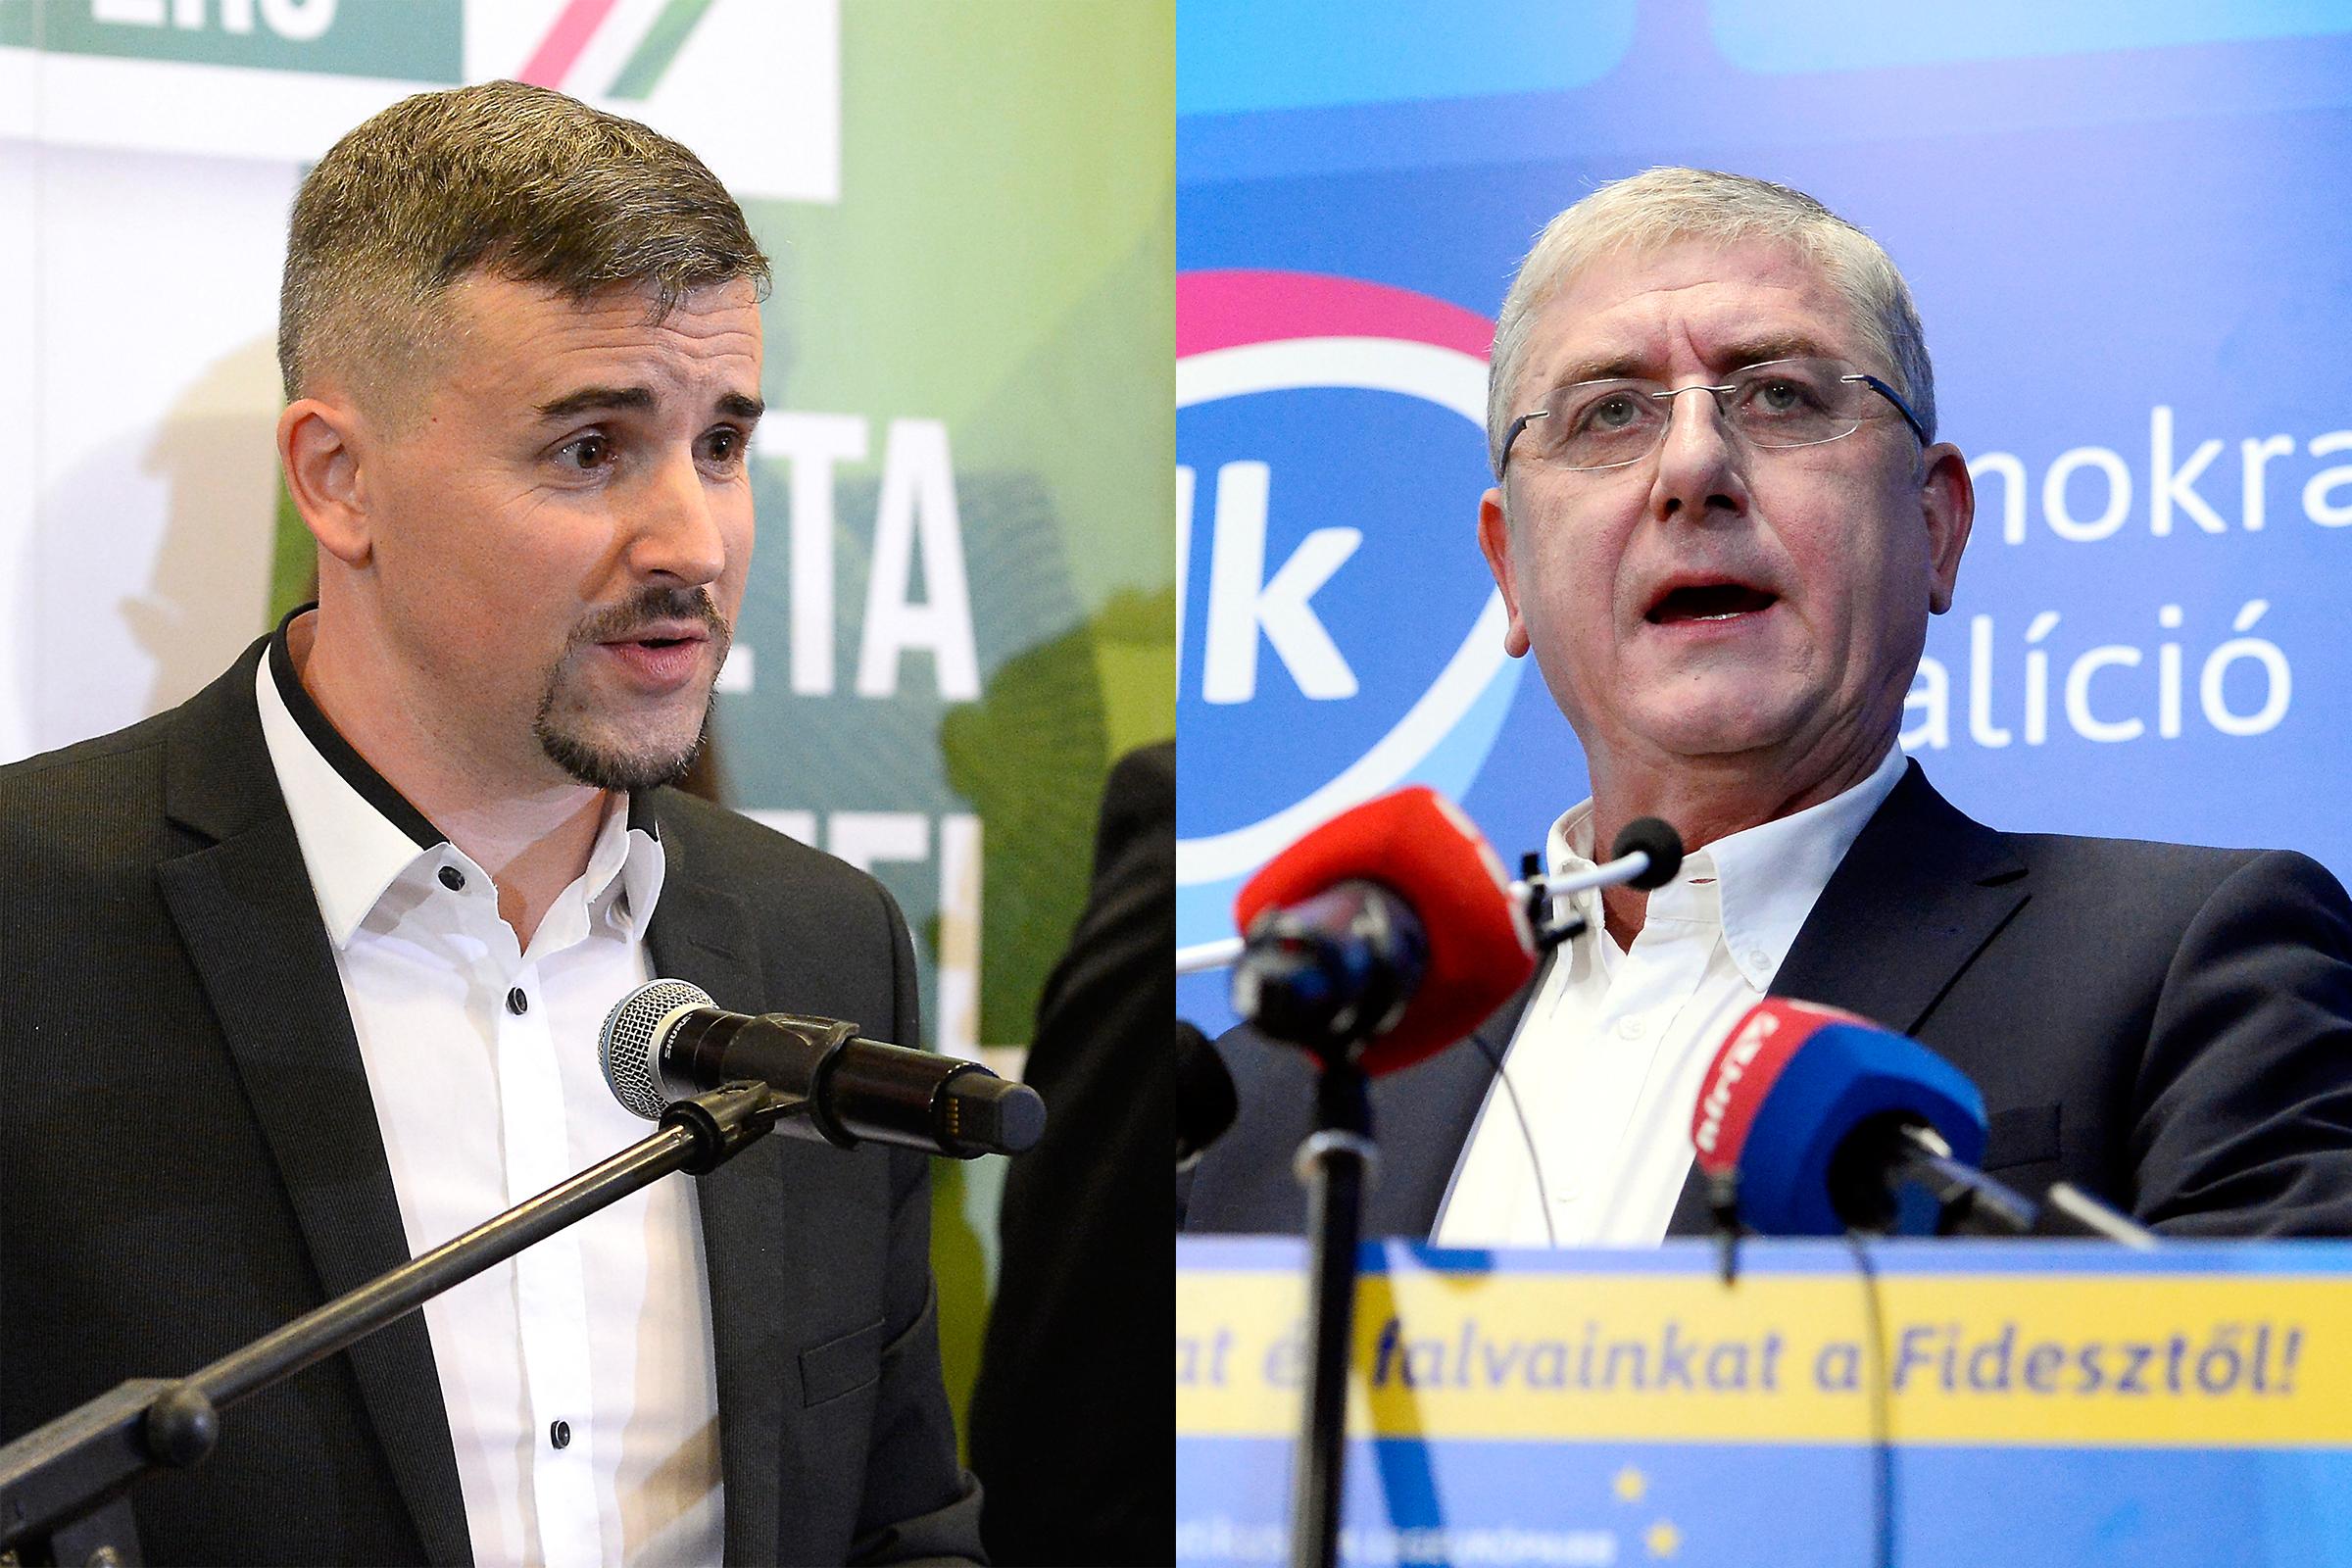 Újabb botrány tört ki a Jobbikban, akinek antiszemita jelöltjét továbbra is támogatja a baloldal